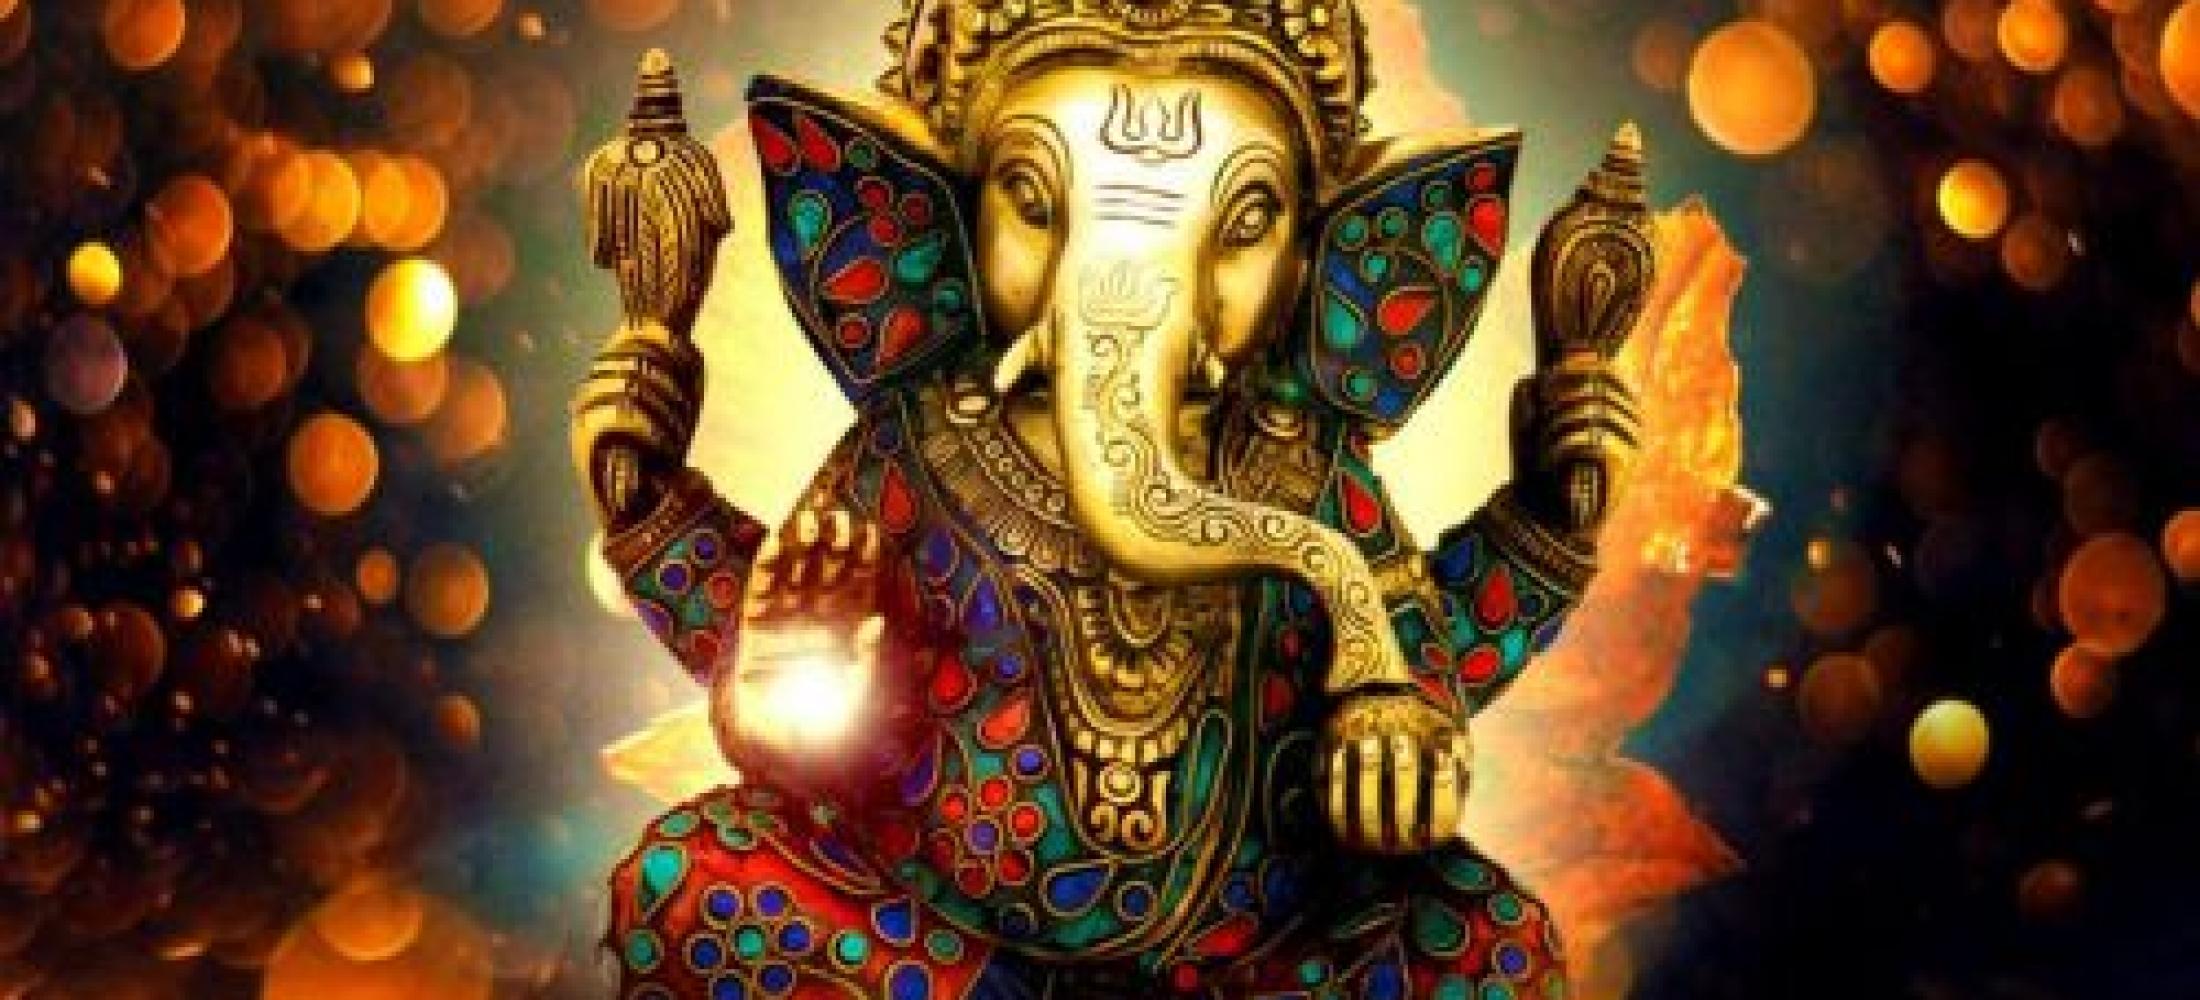 Ганеша, бог Ганеша, энергетический канал (инициация)